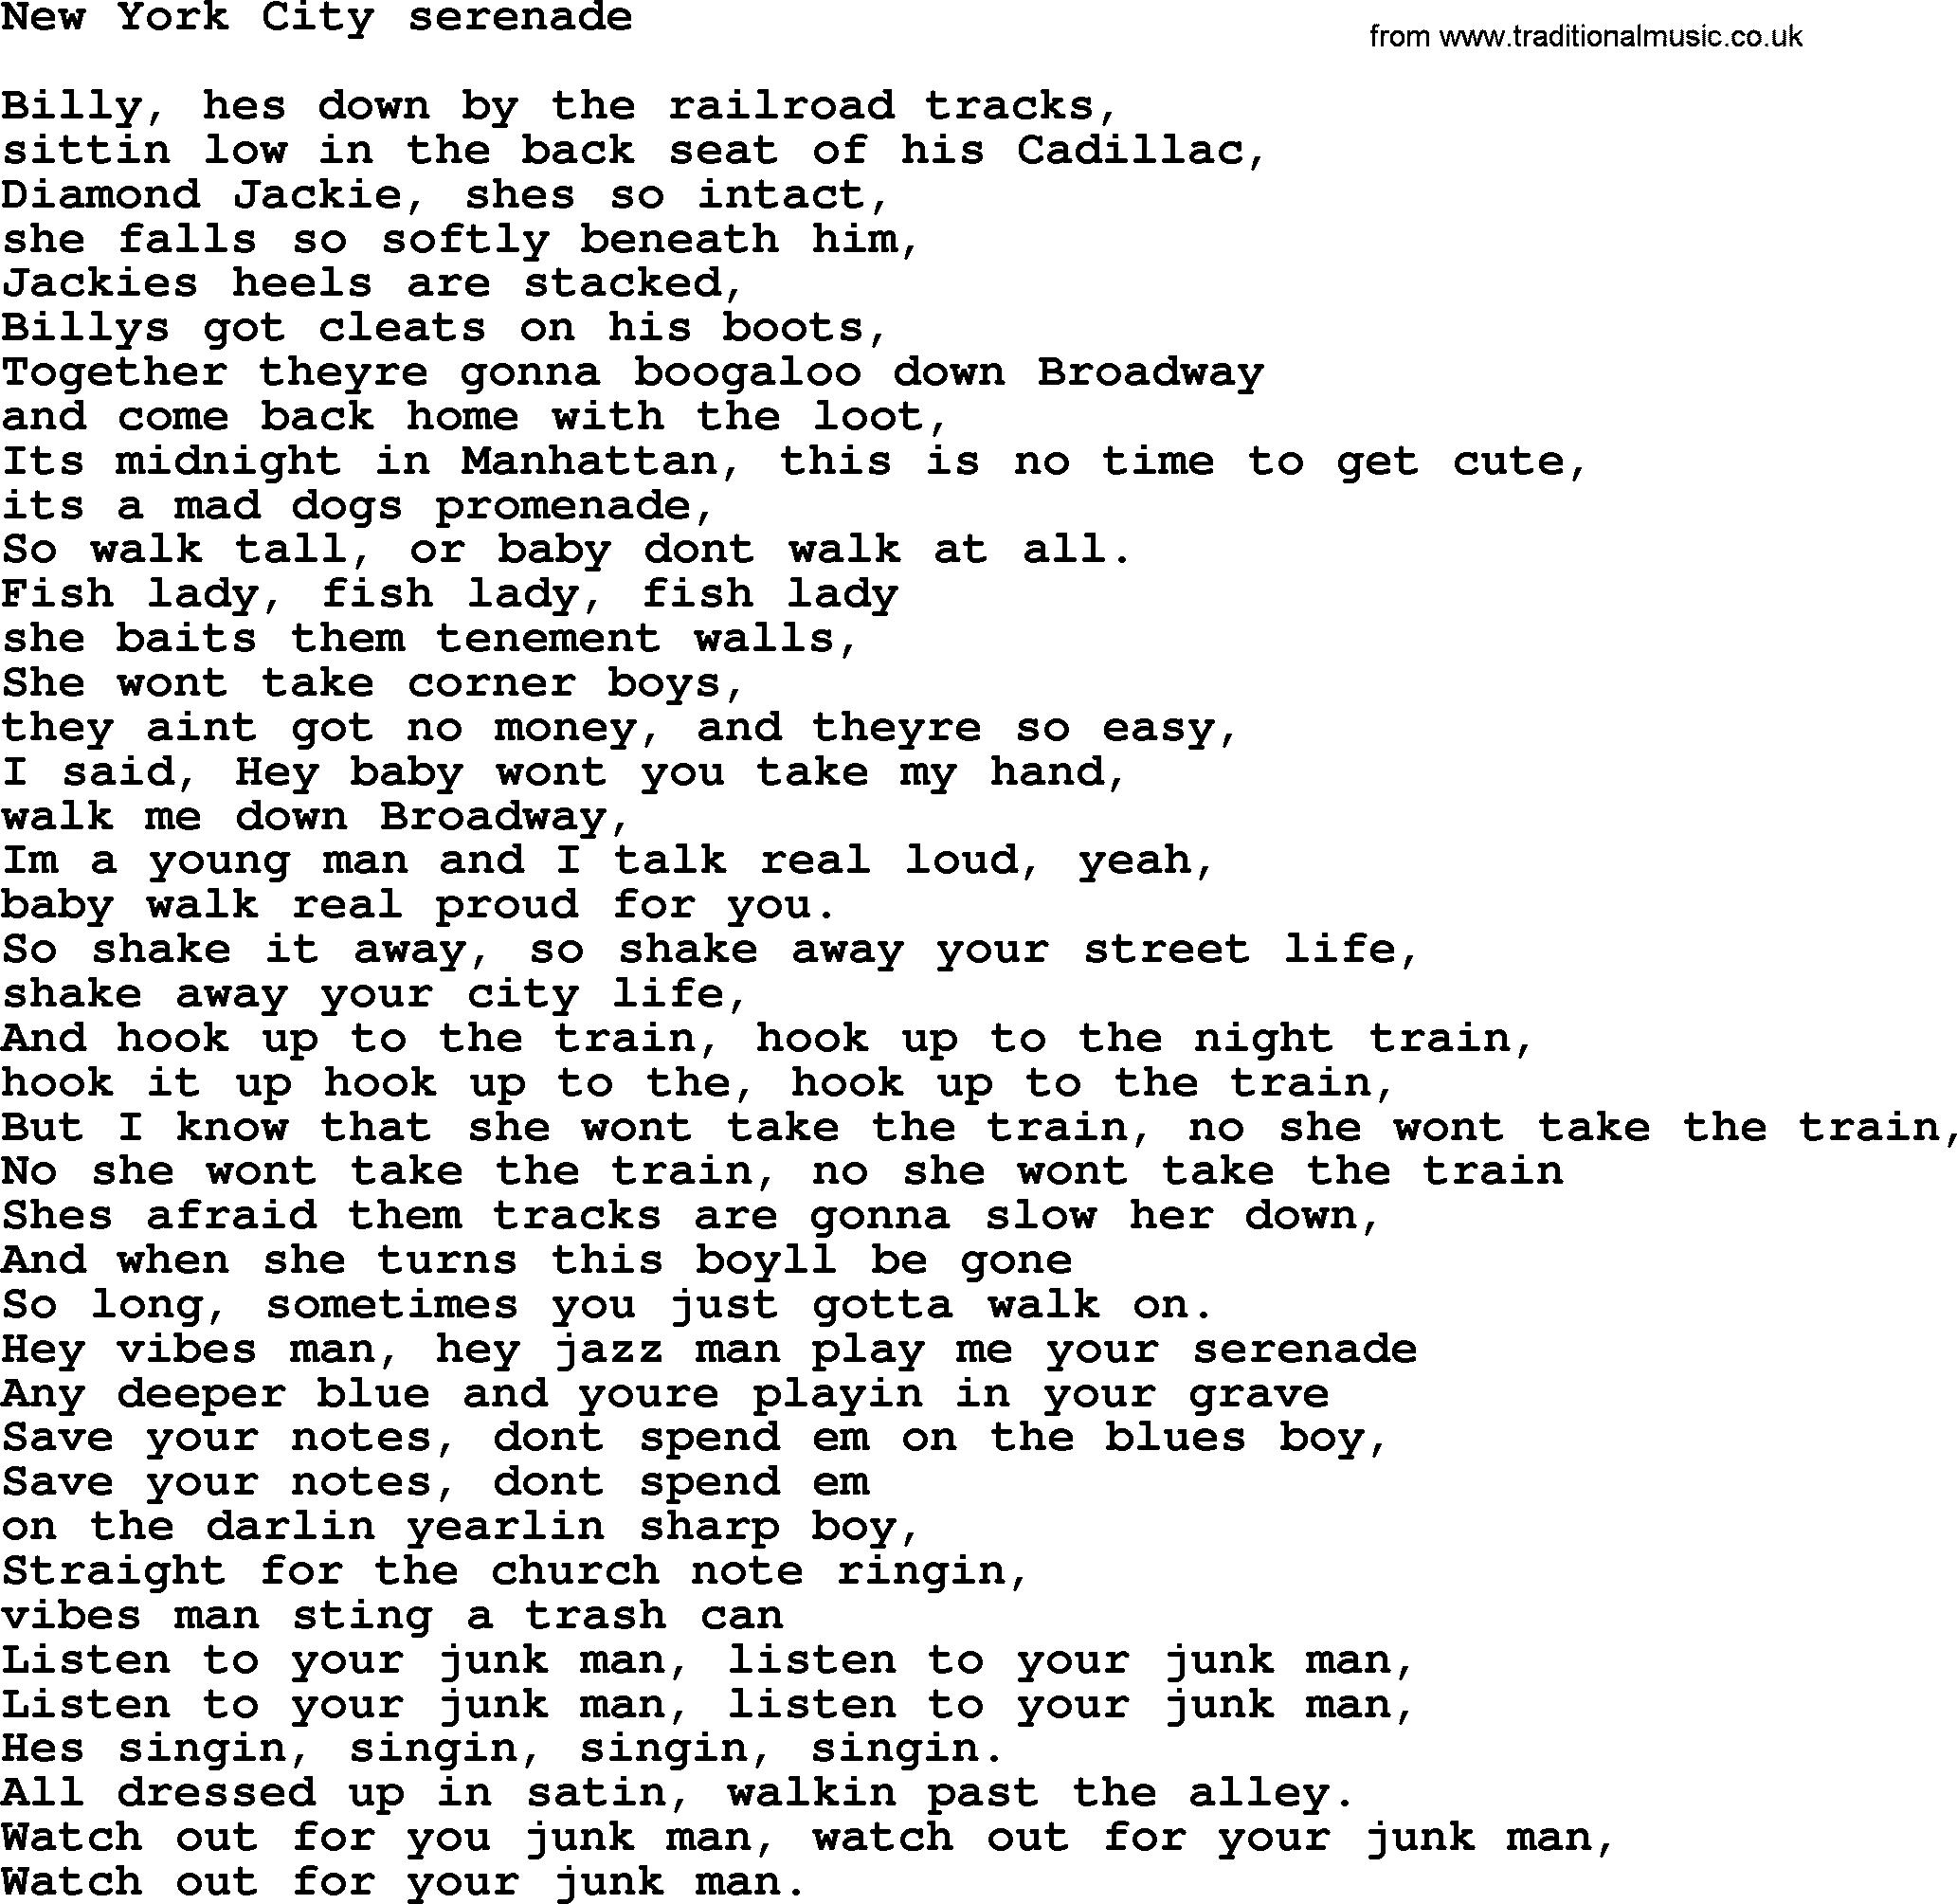 bruce springsteen song new york city serenade lyrics